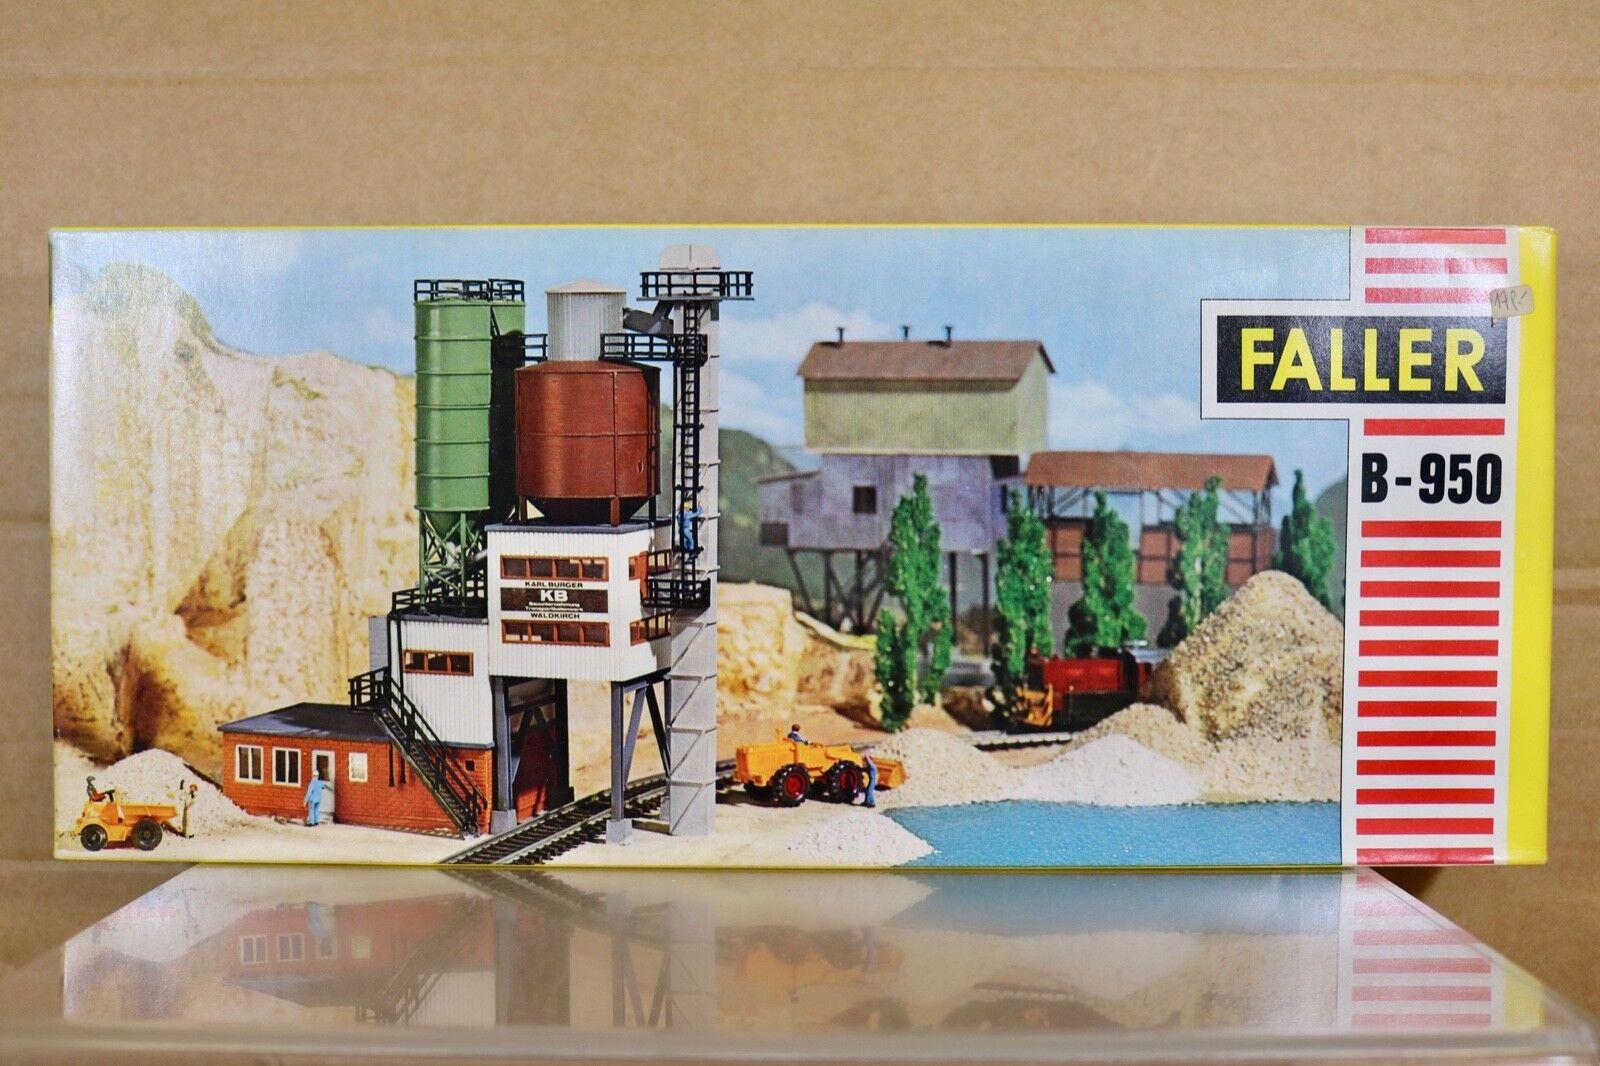 Faller B-950 Échelle Ho Karl Burger Kb Ciment Fonctionne Usine Trémie